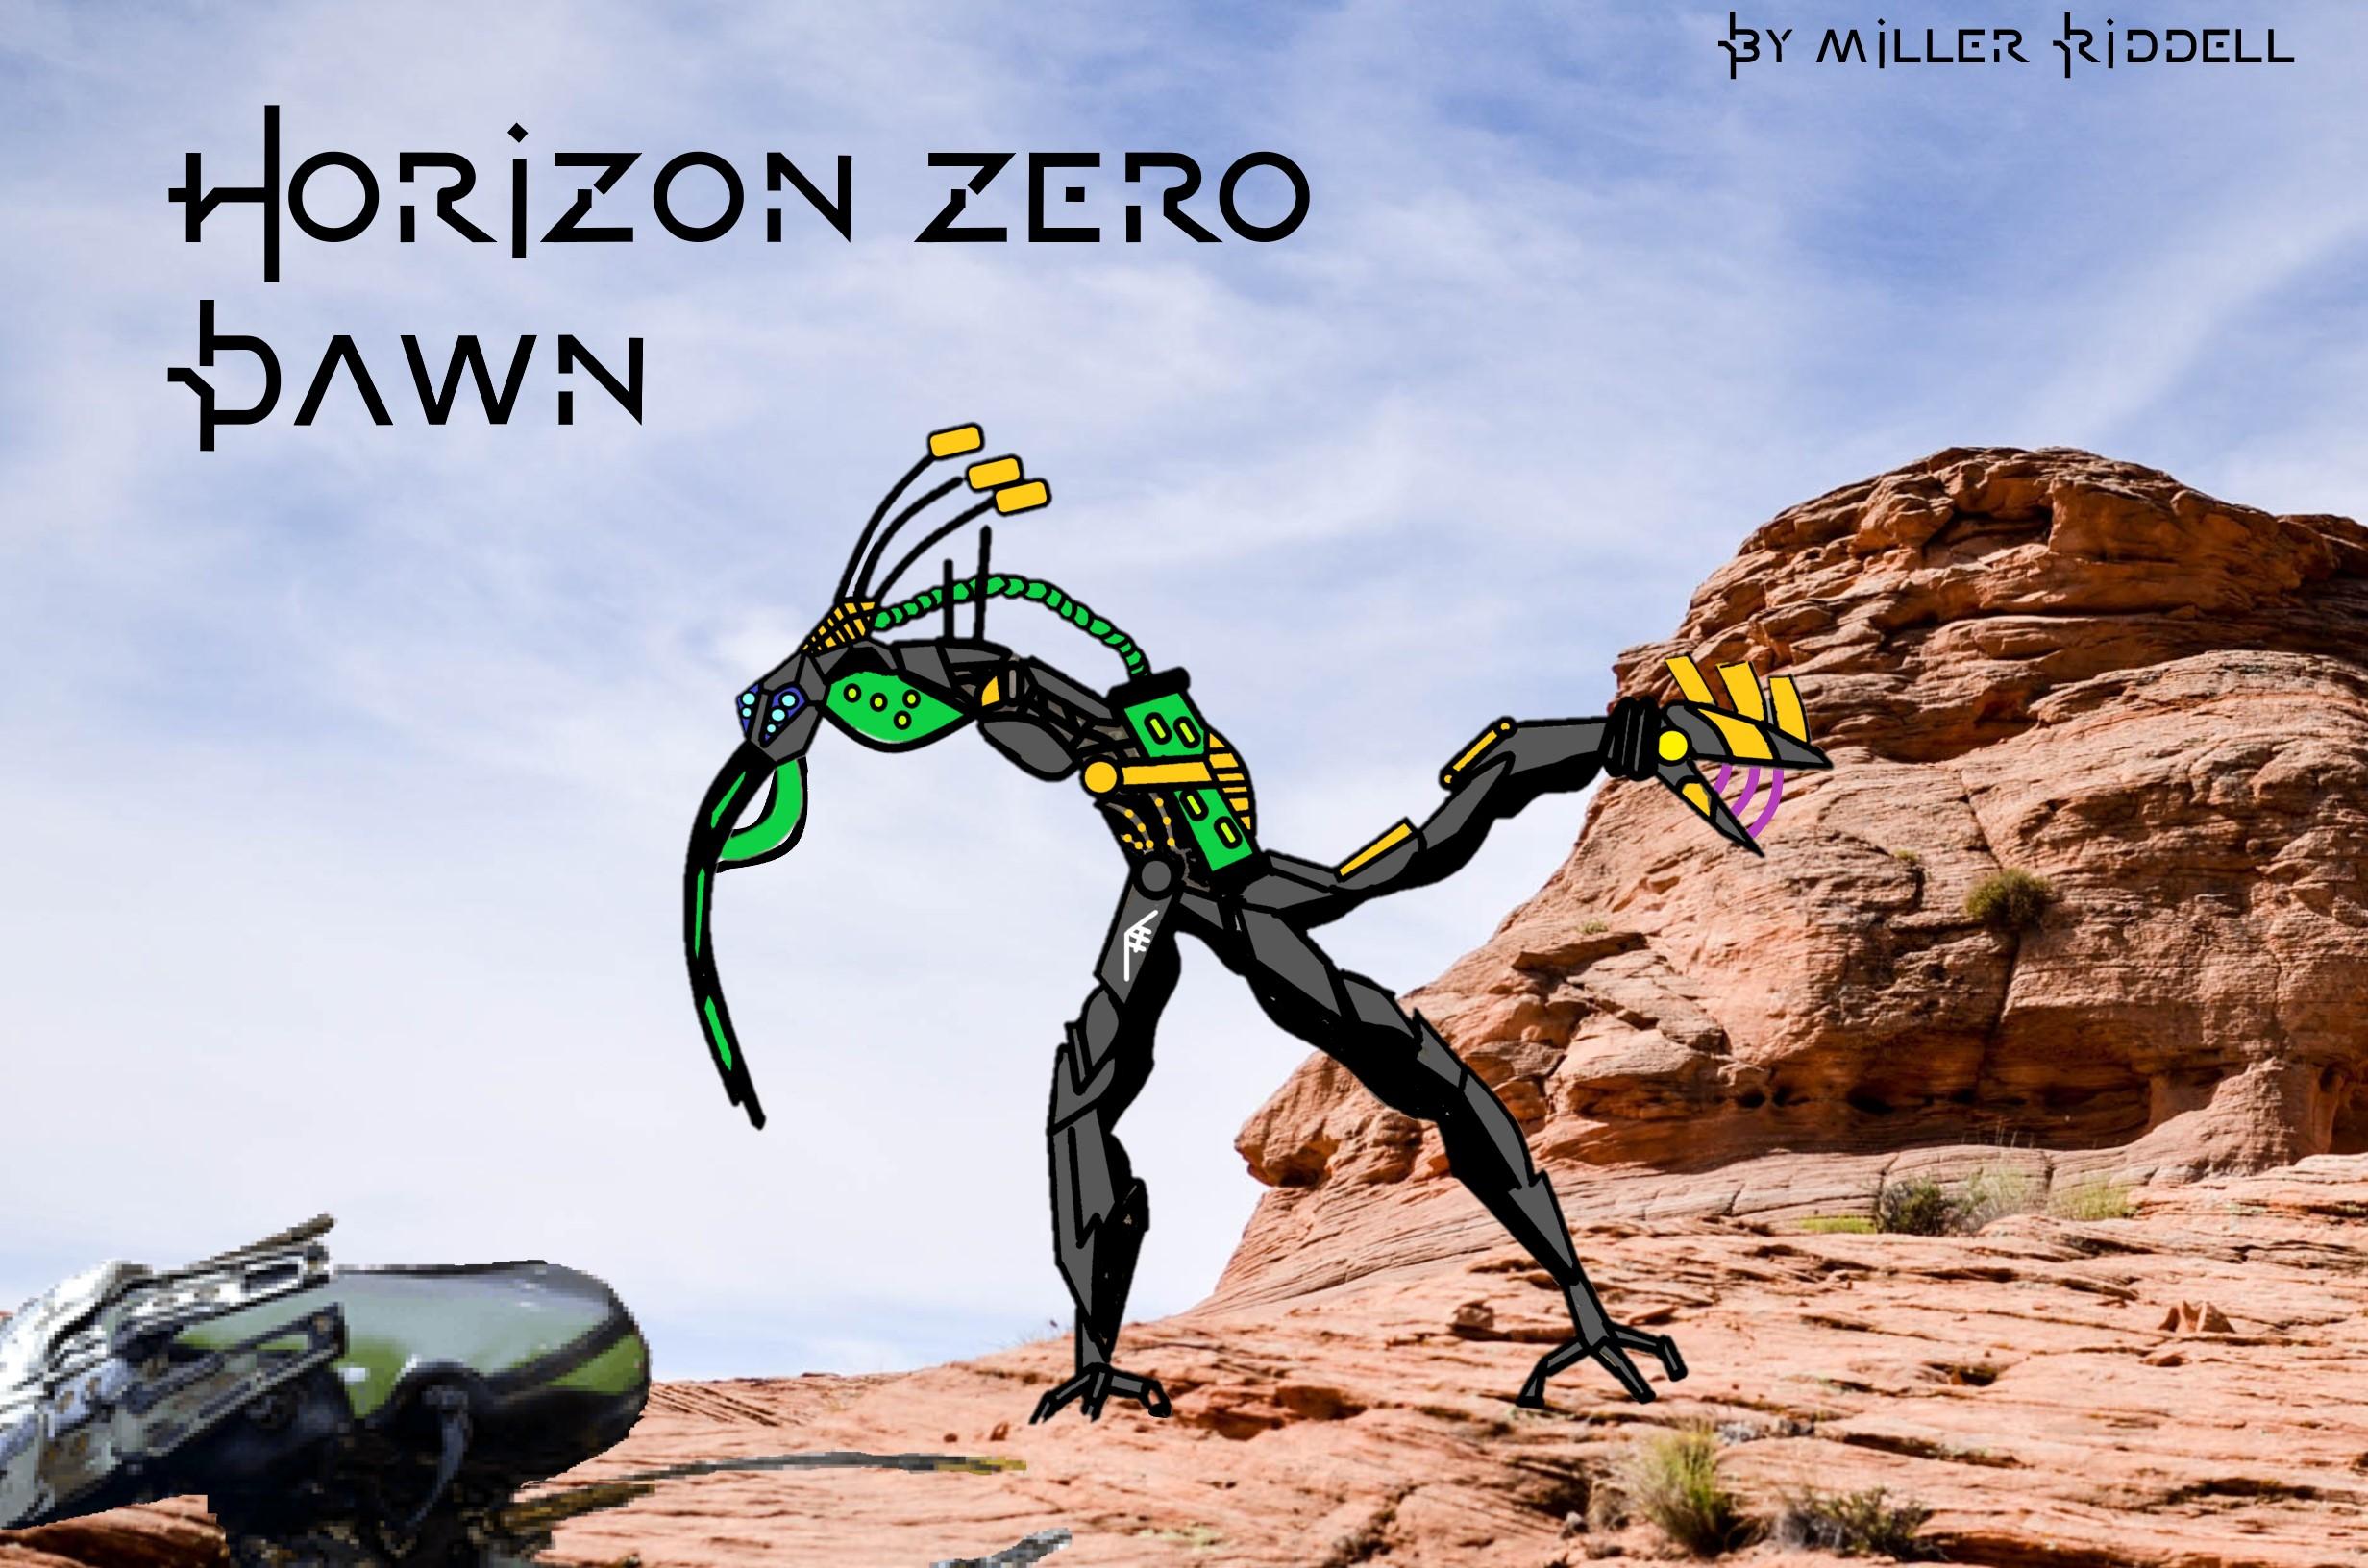 Horizon Zero Dawn: NeedleSnout